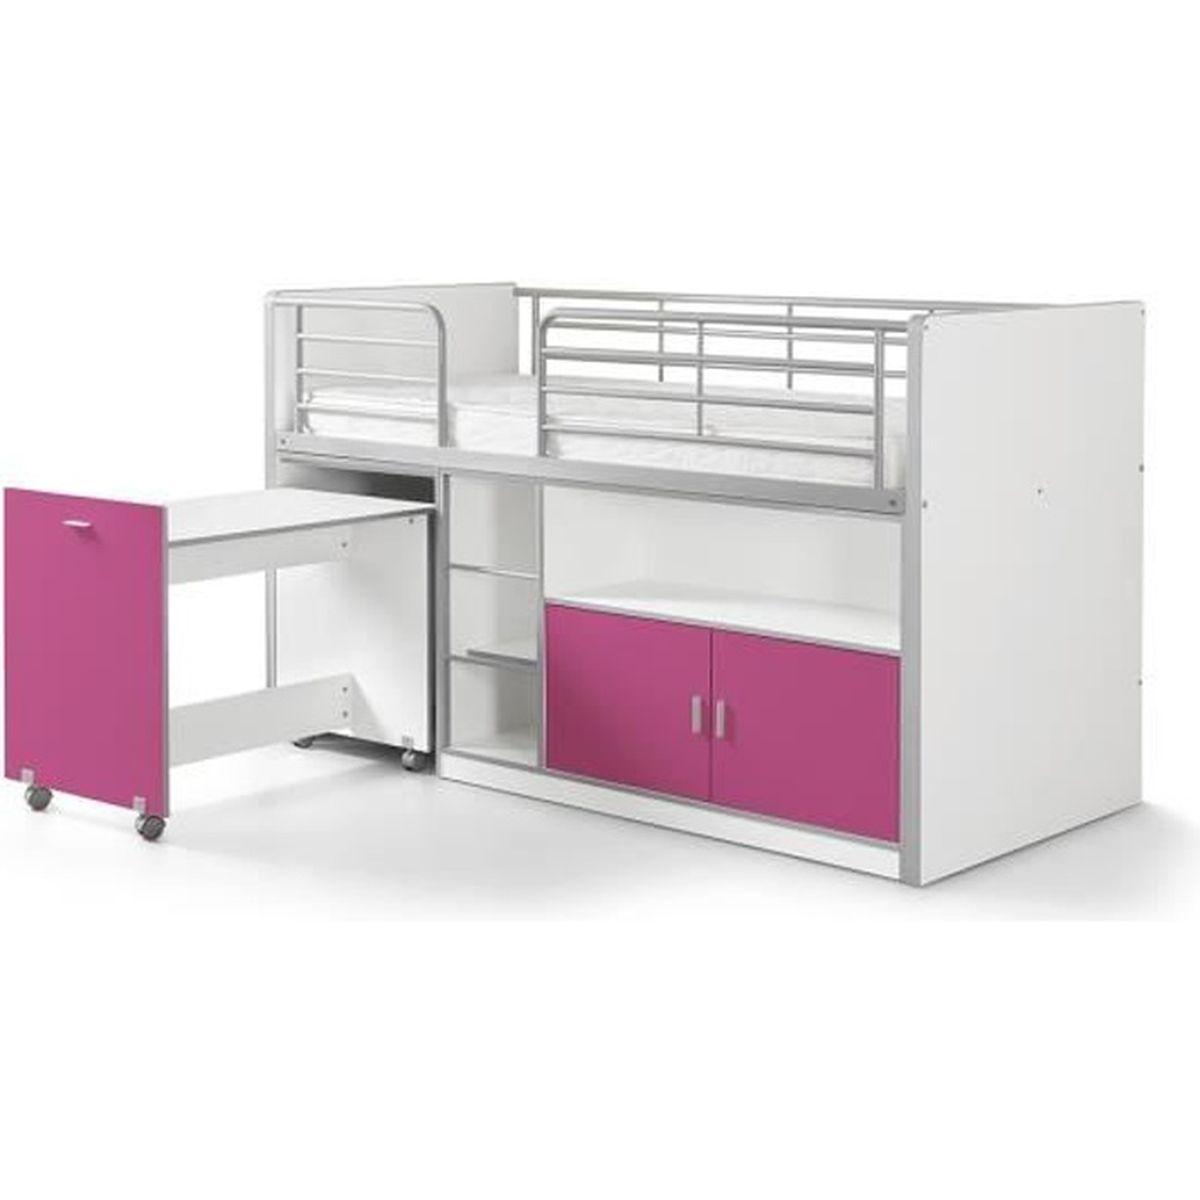 Vipack lit mezzanine bureau rangement 90x 200 bonny fuchsia achat ven - Lit mezzanine rangement ...